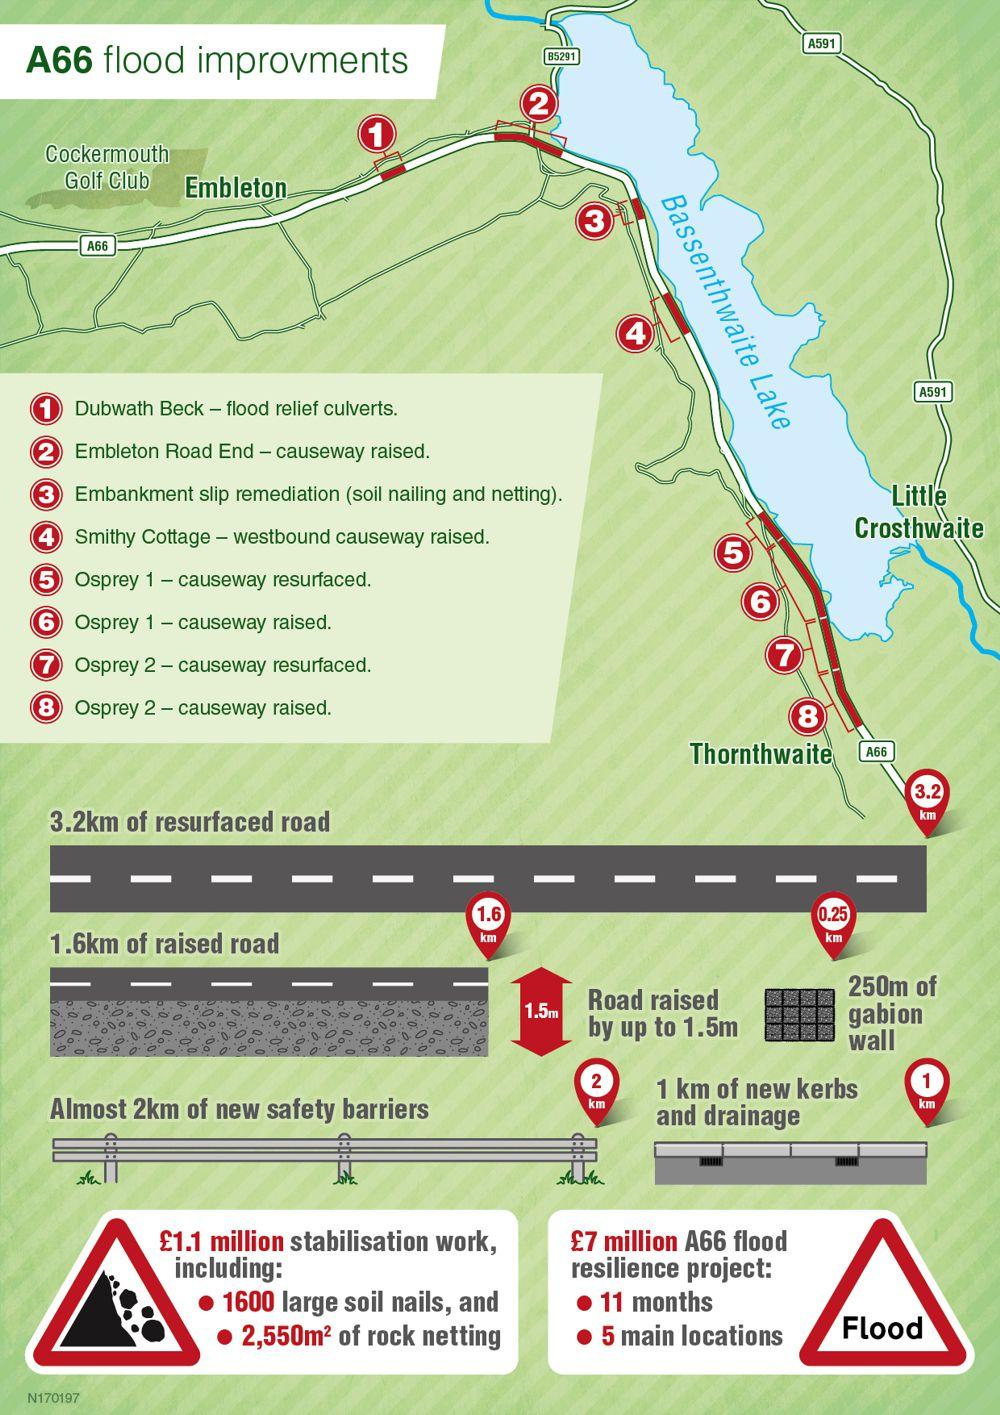 A66 Flood Improvements Map